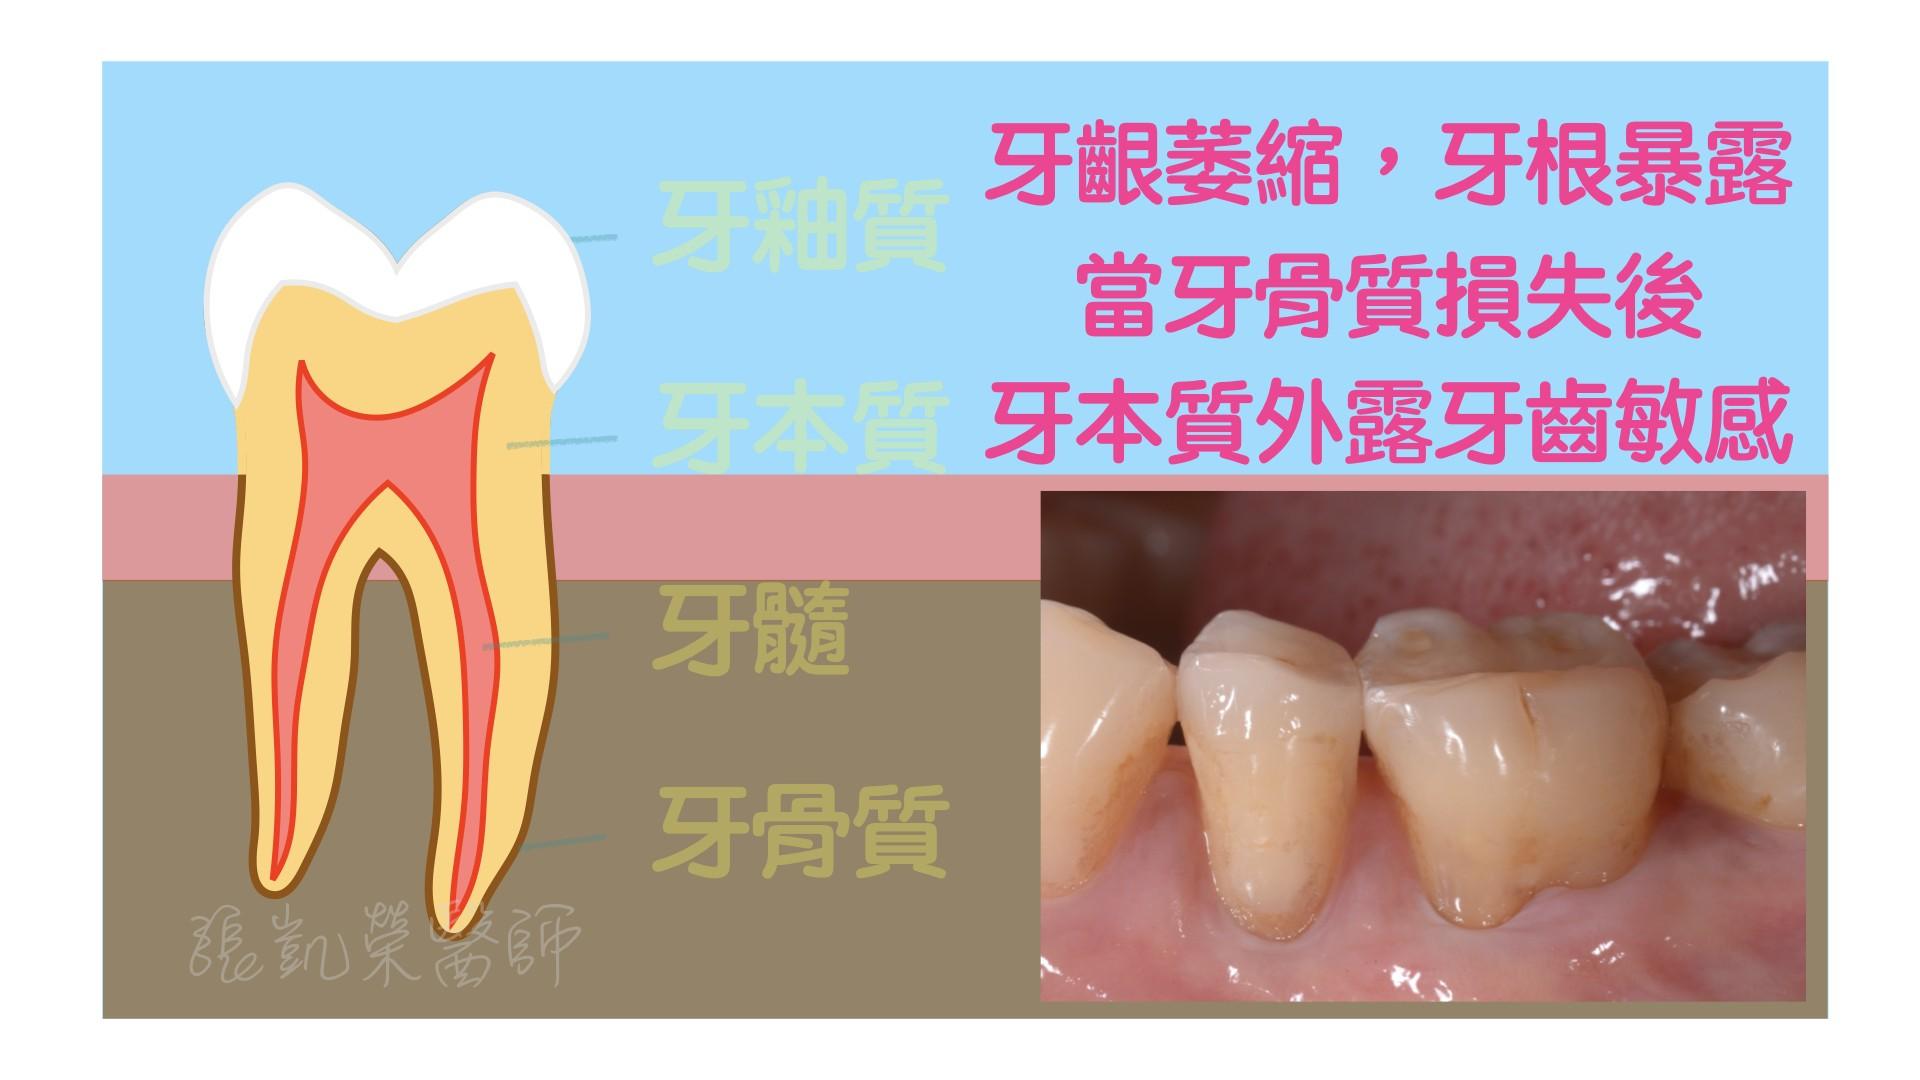 牙齒有酸酸的感覺,牙齒是怎麼了呢?  partII:牙齦萎縮